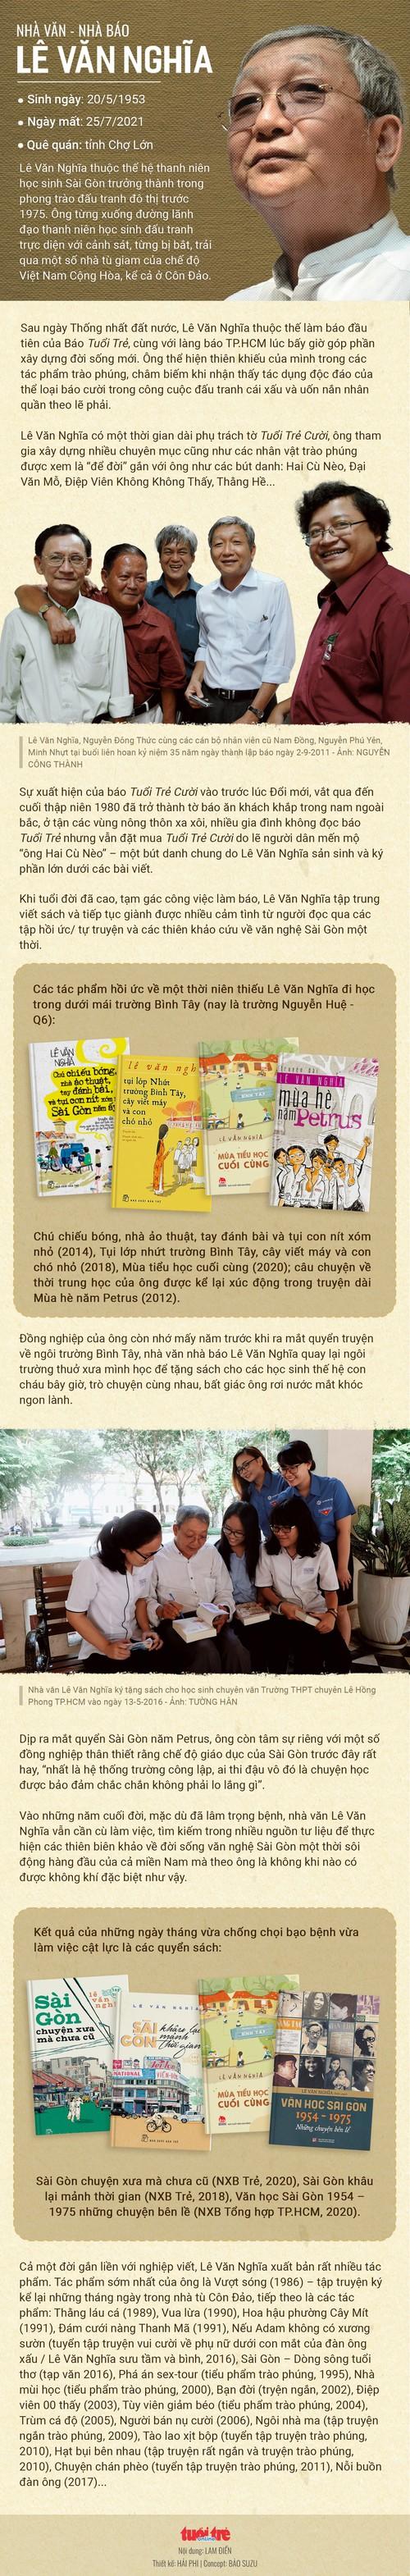 Nhớ anh Lê Văn Nghĩa - anh Hai Cù Nèo - ảnh 3